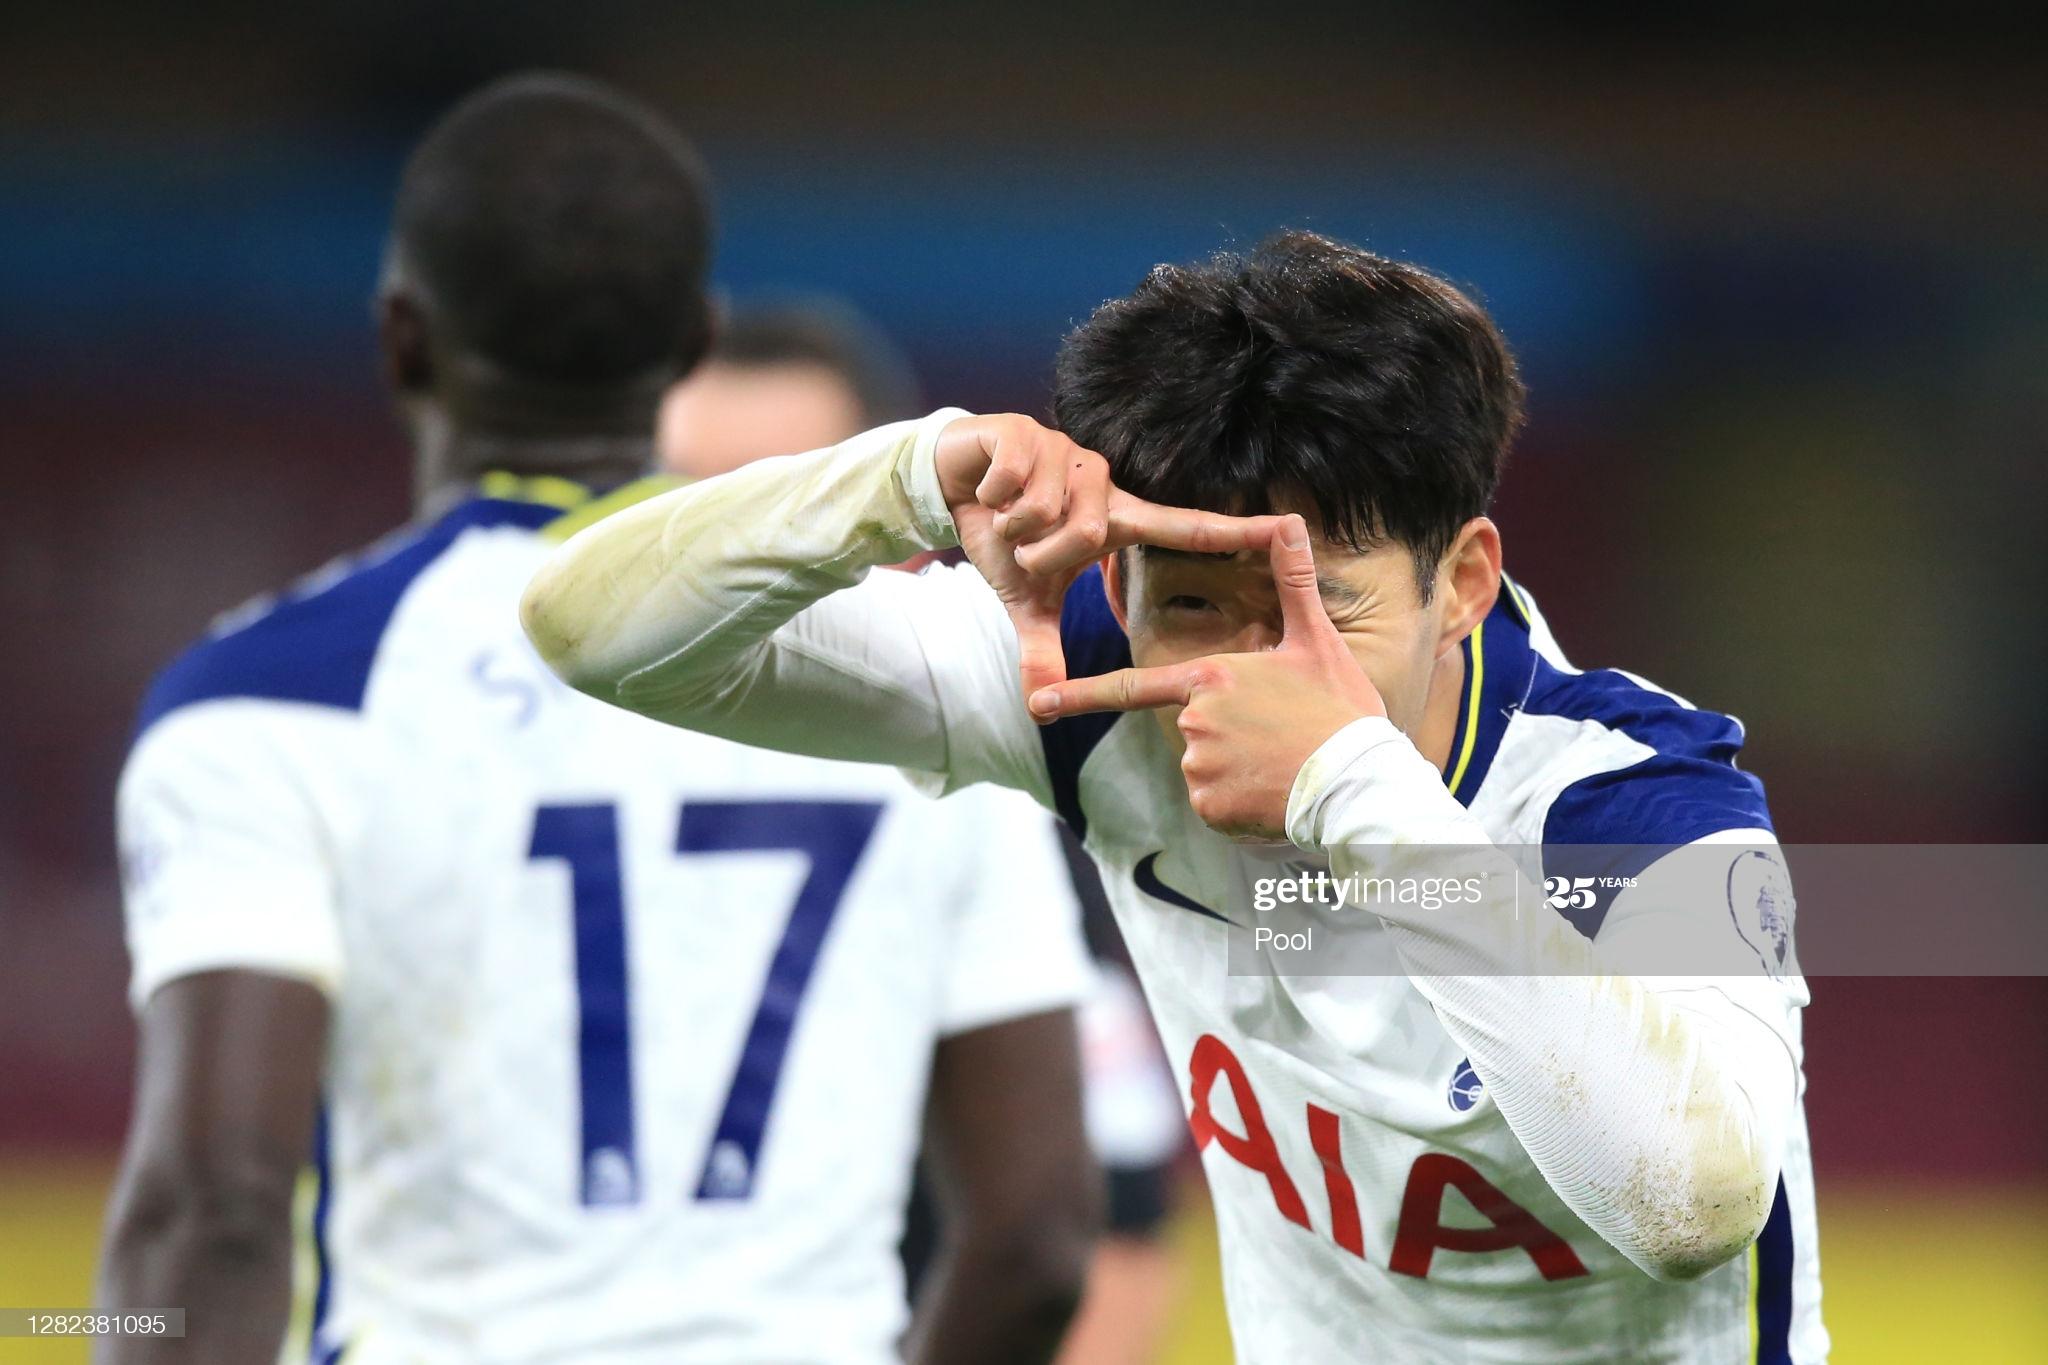 Tottenham Hotspur: Heung Min Son